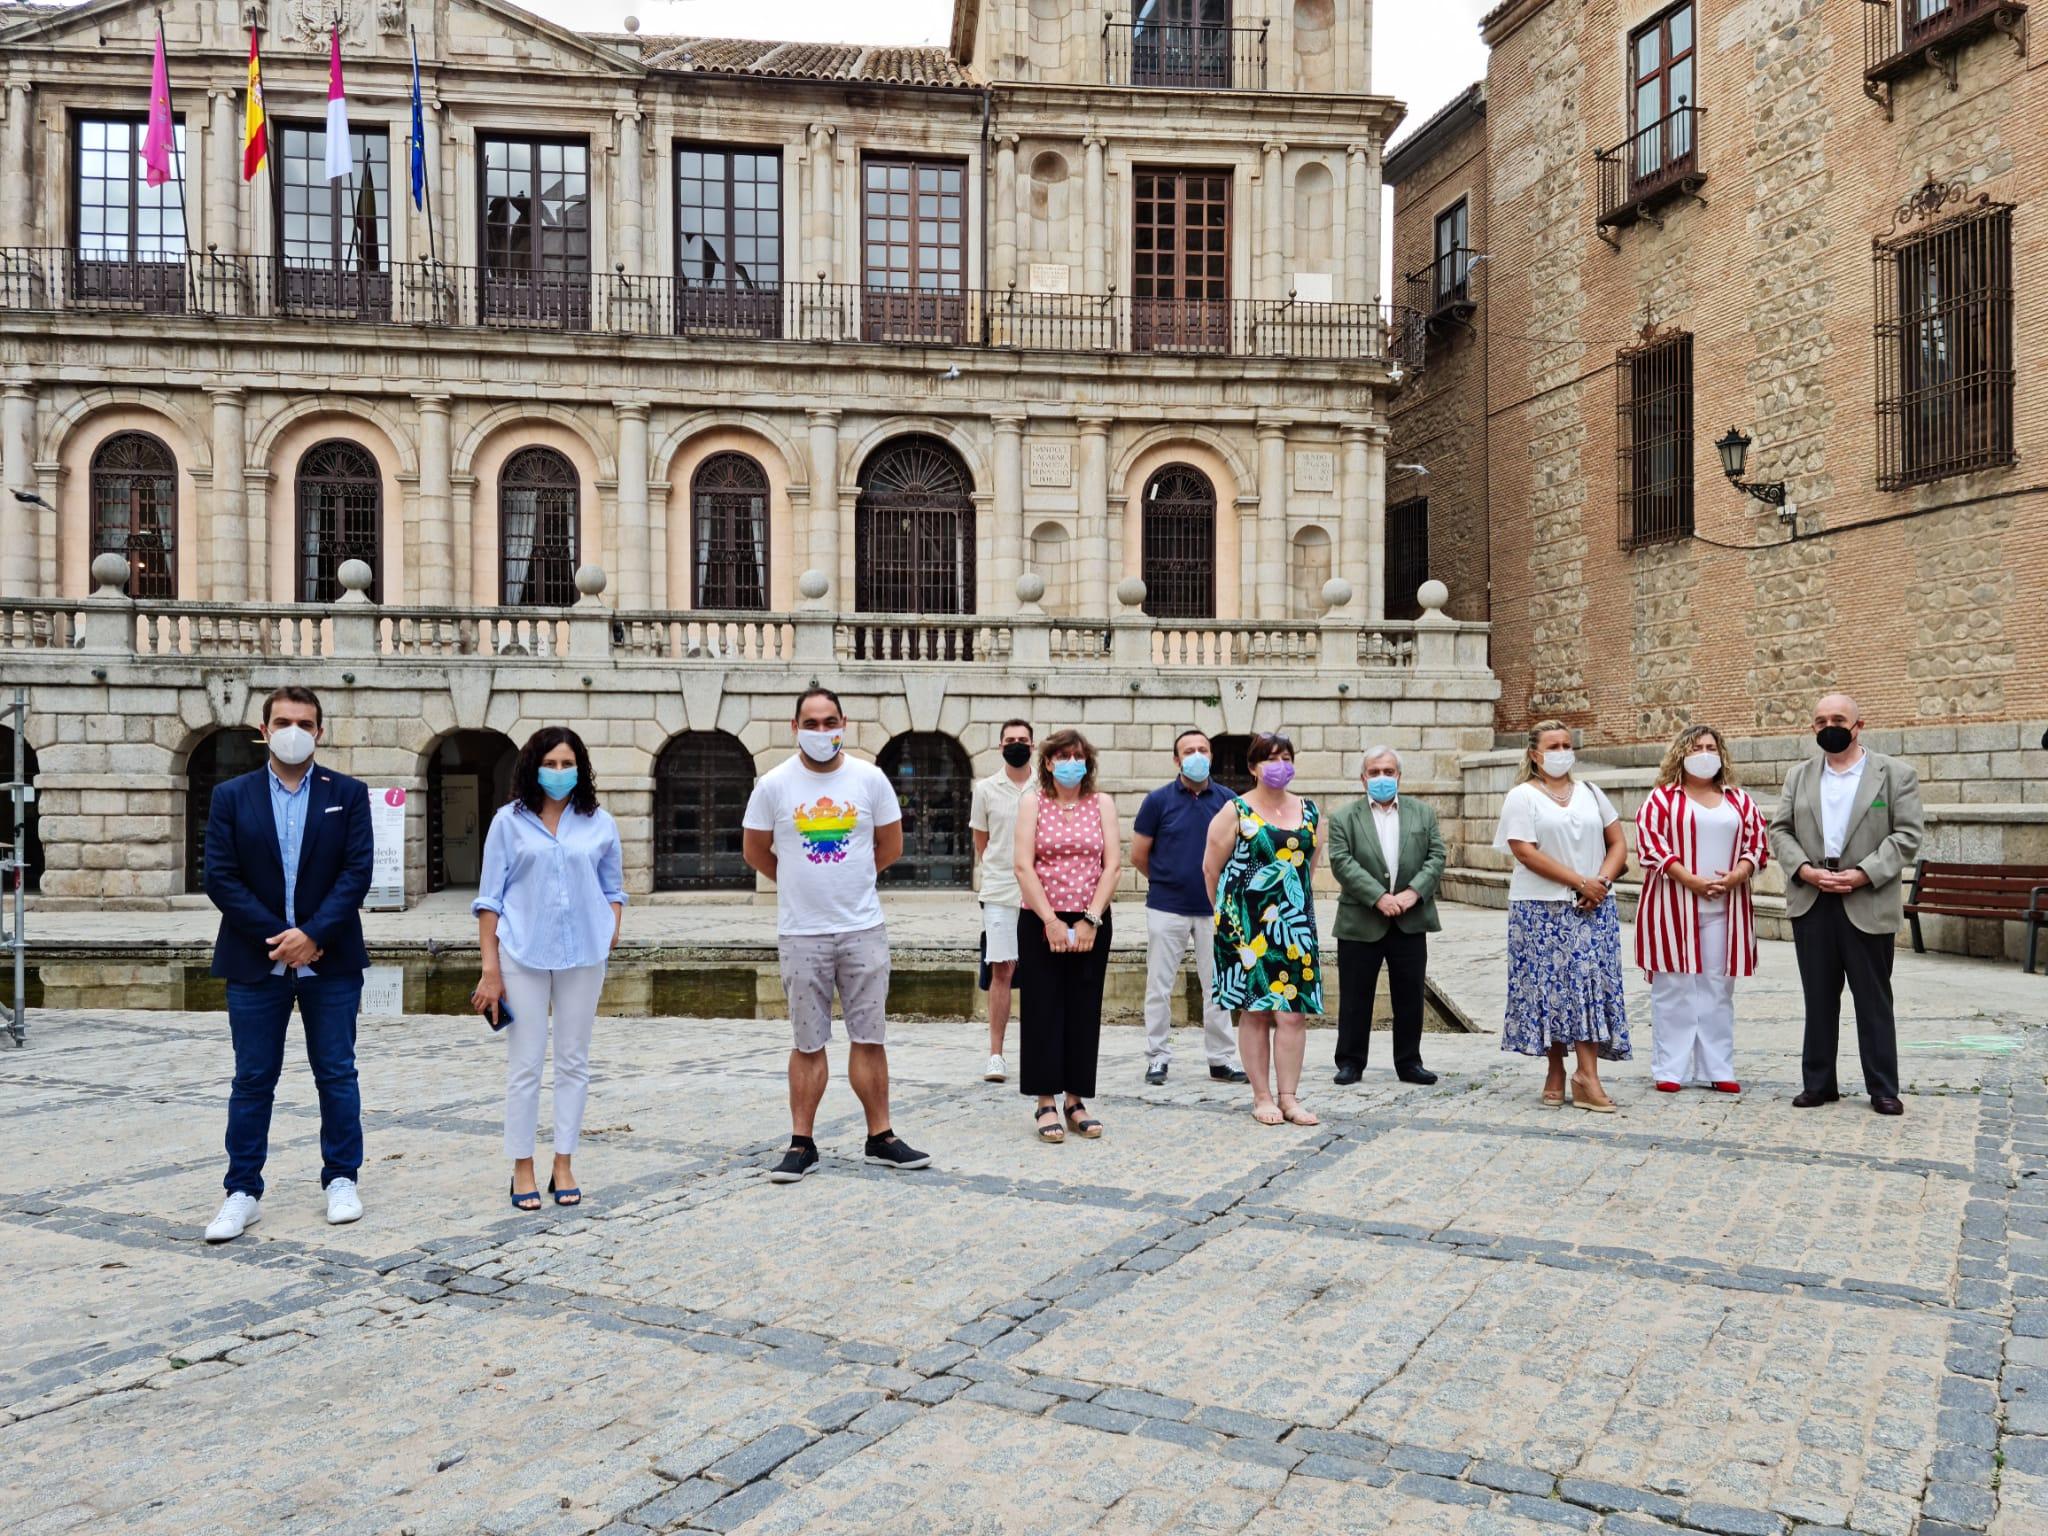 El PSOE apoya la concentración en la plaza del Ayuntamiento en denuncia a la agresión al colectivo LGTBI del PP y Vox en el Pleno